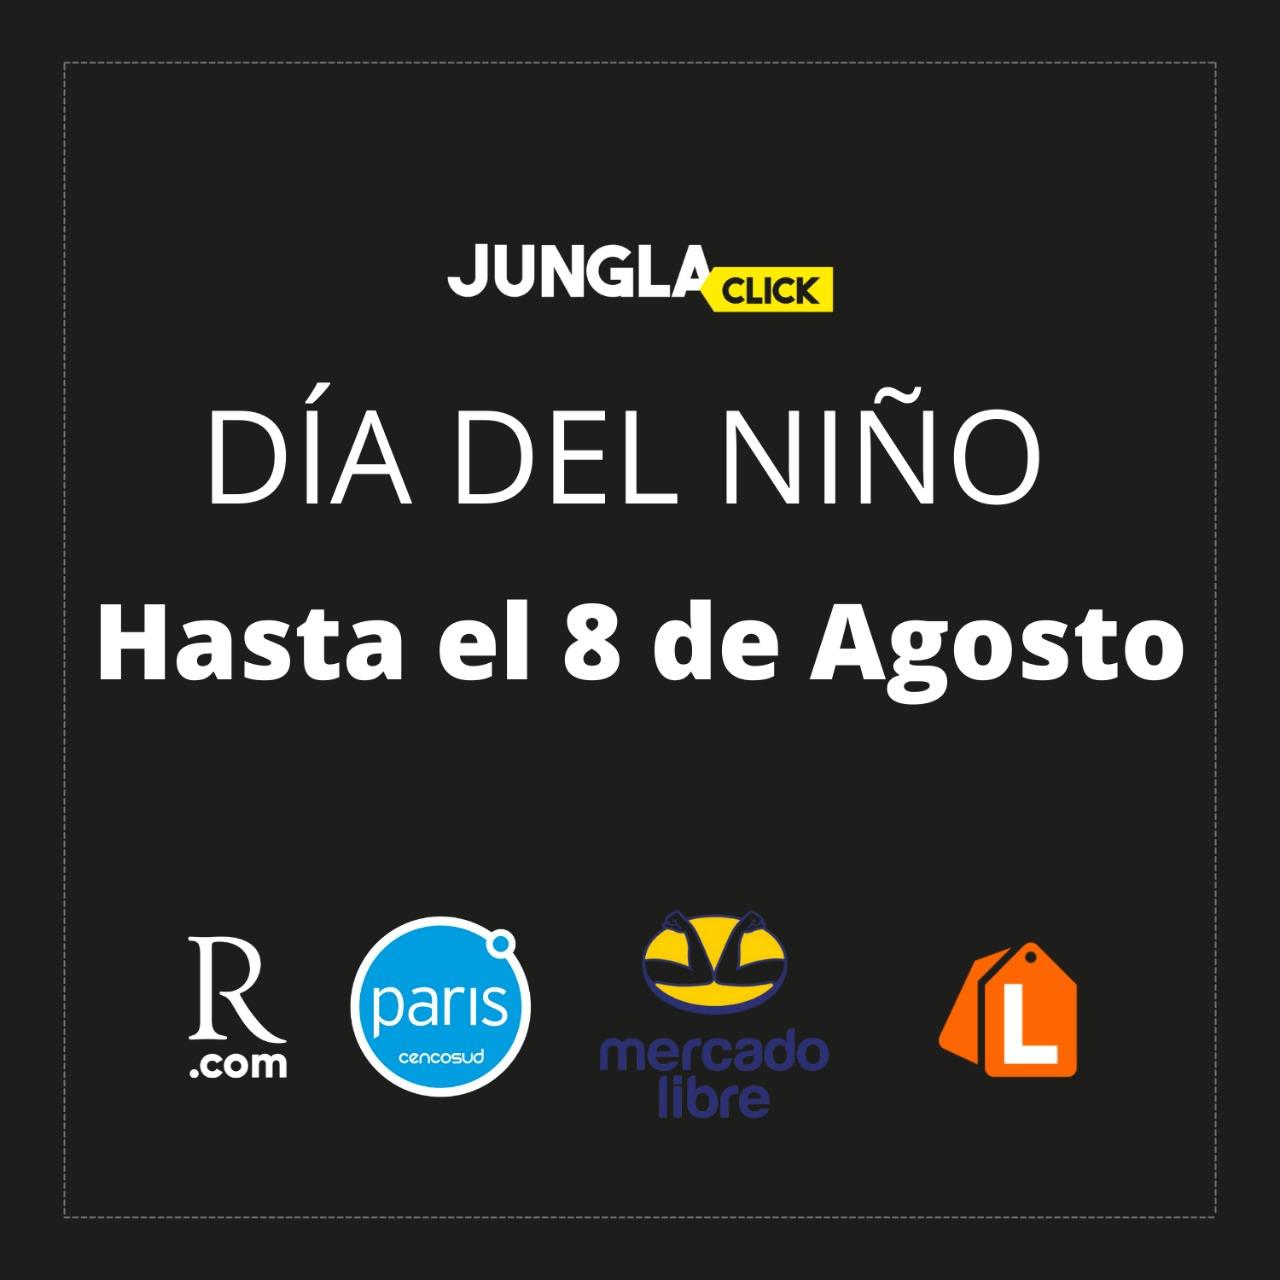 Jungla Click